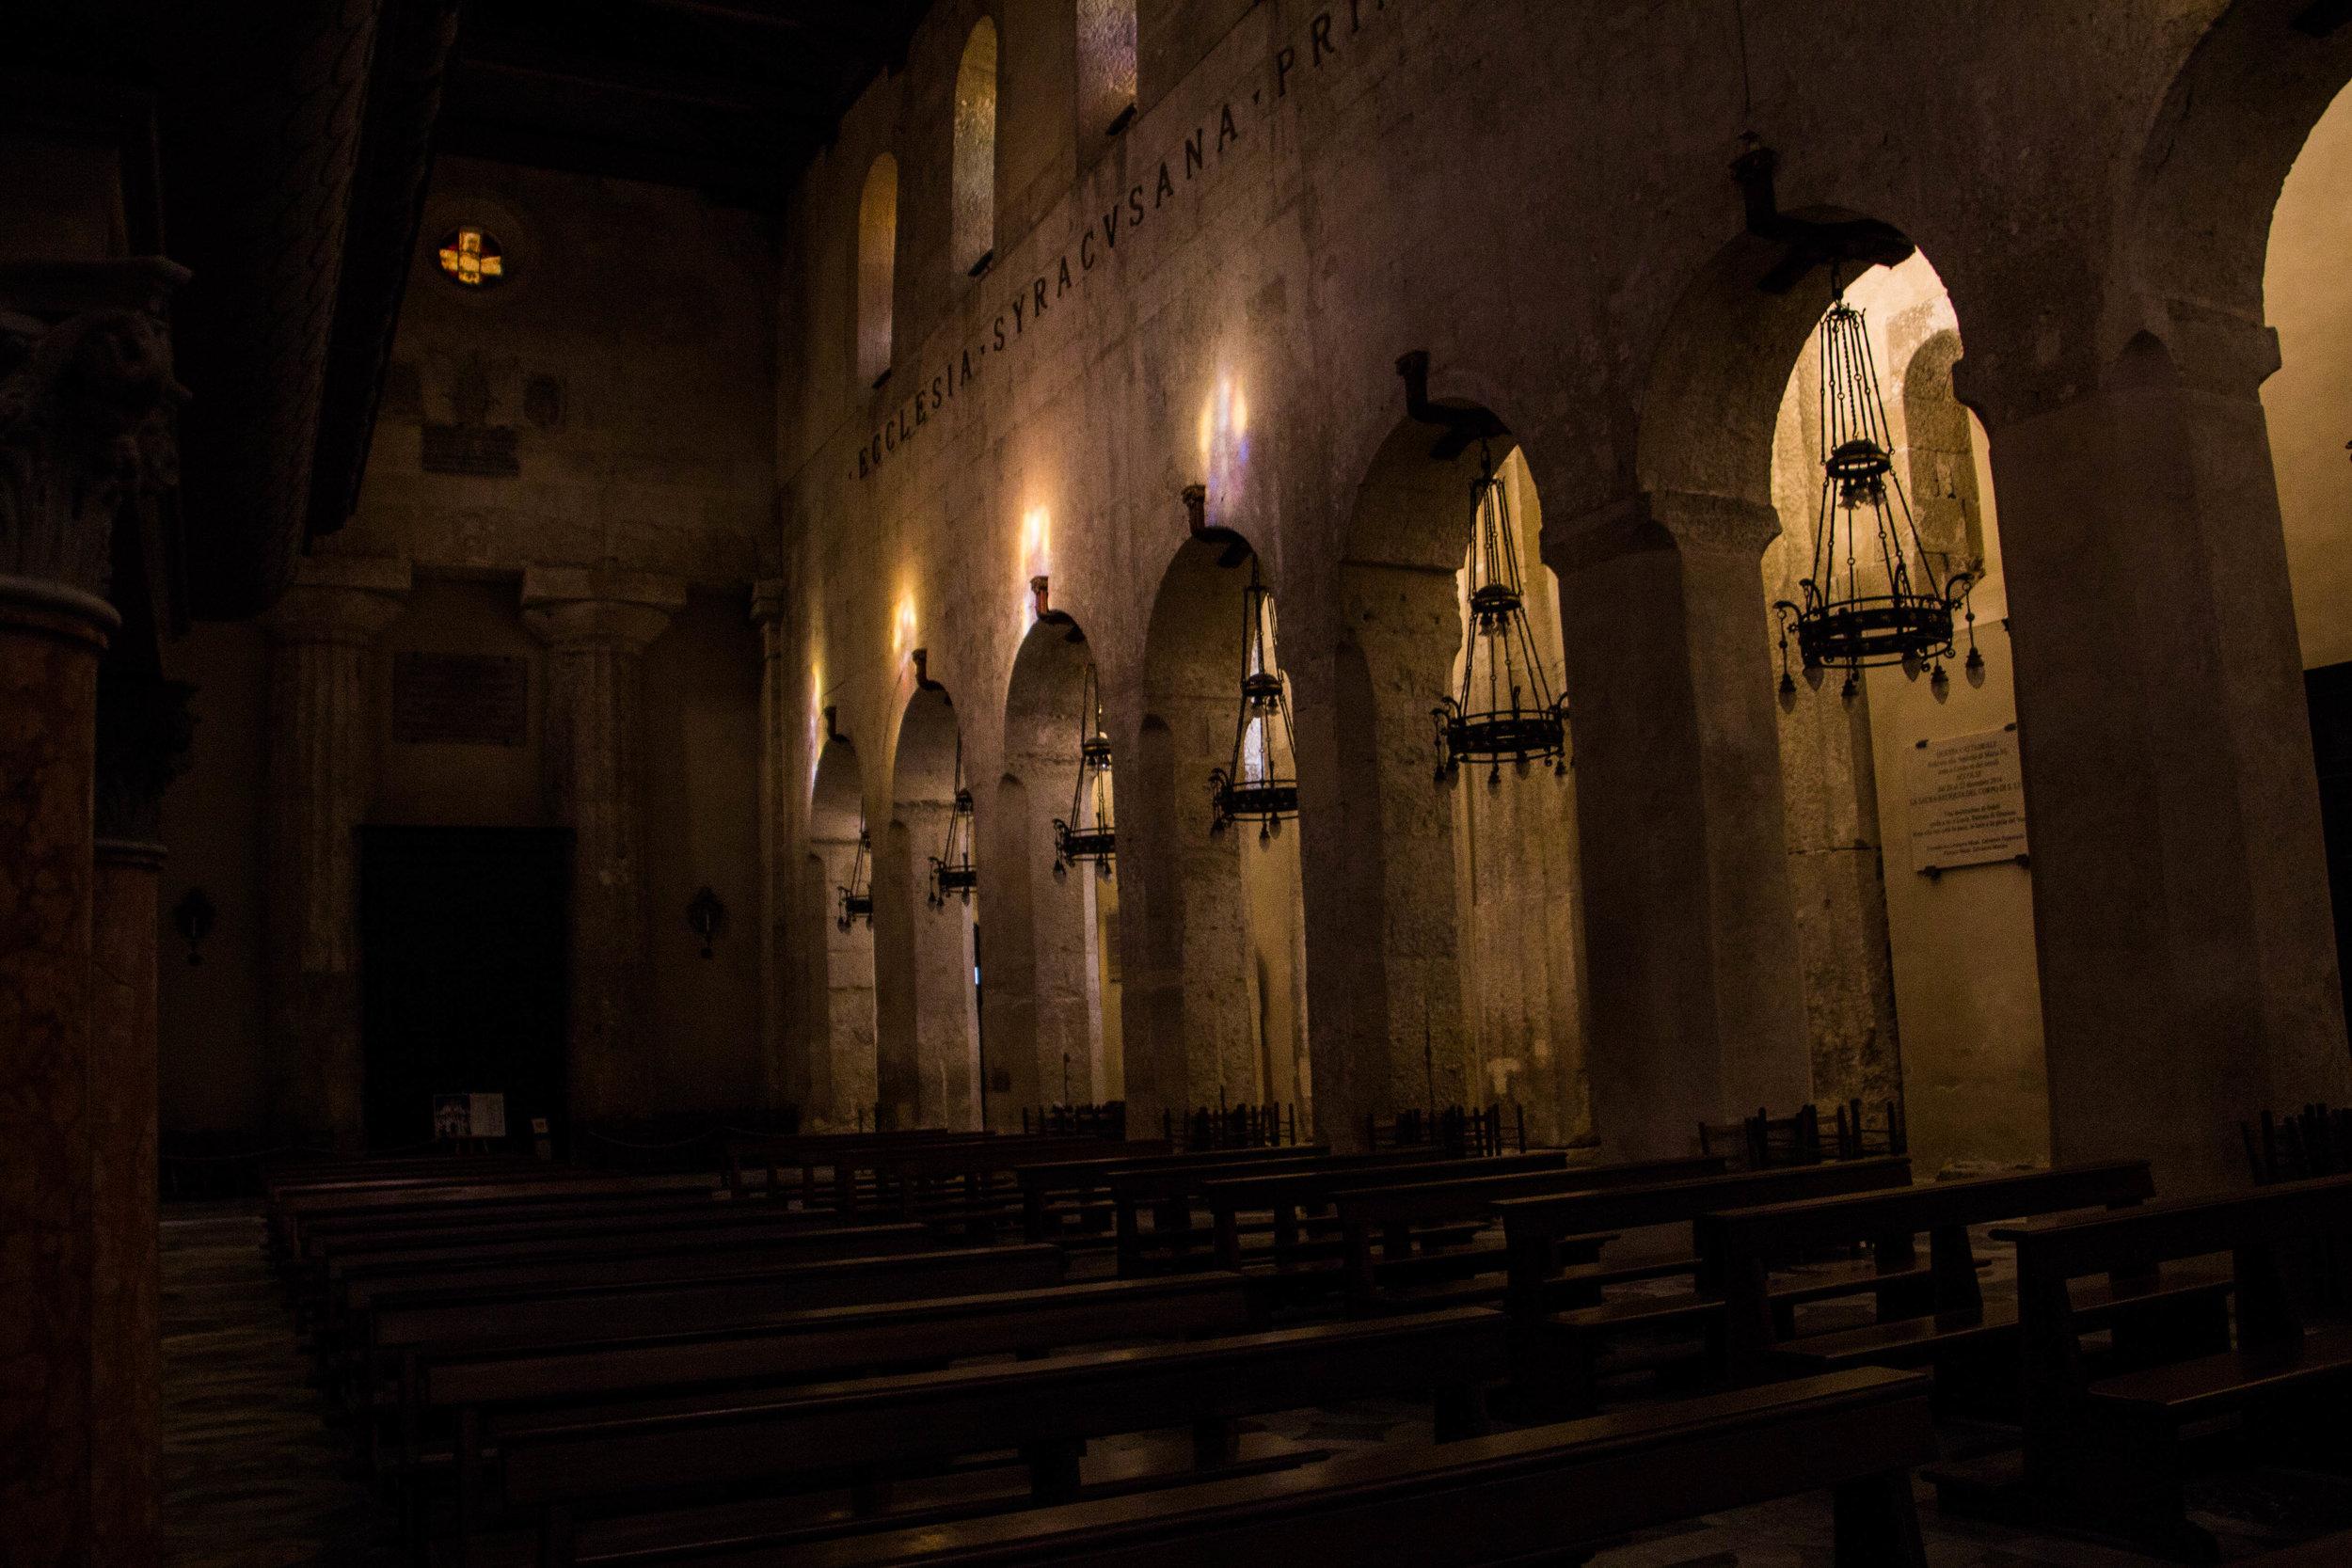 cattedrale-nativita-di-maria-santissima-ortygia-syracuse-sicily-7.jpg